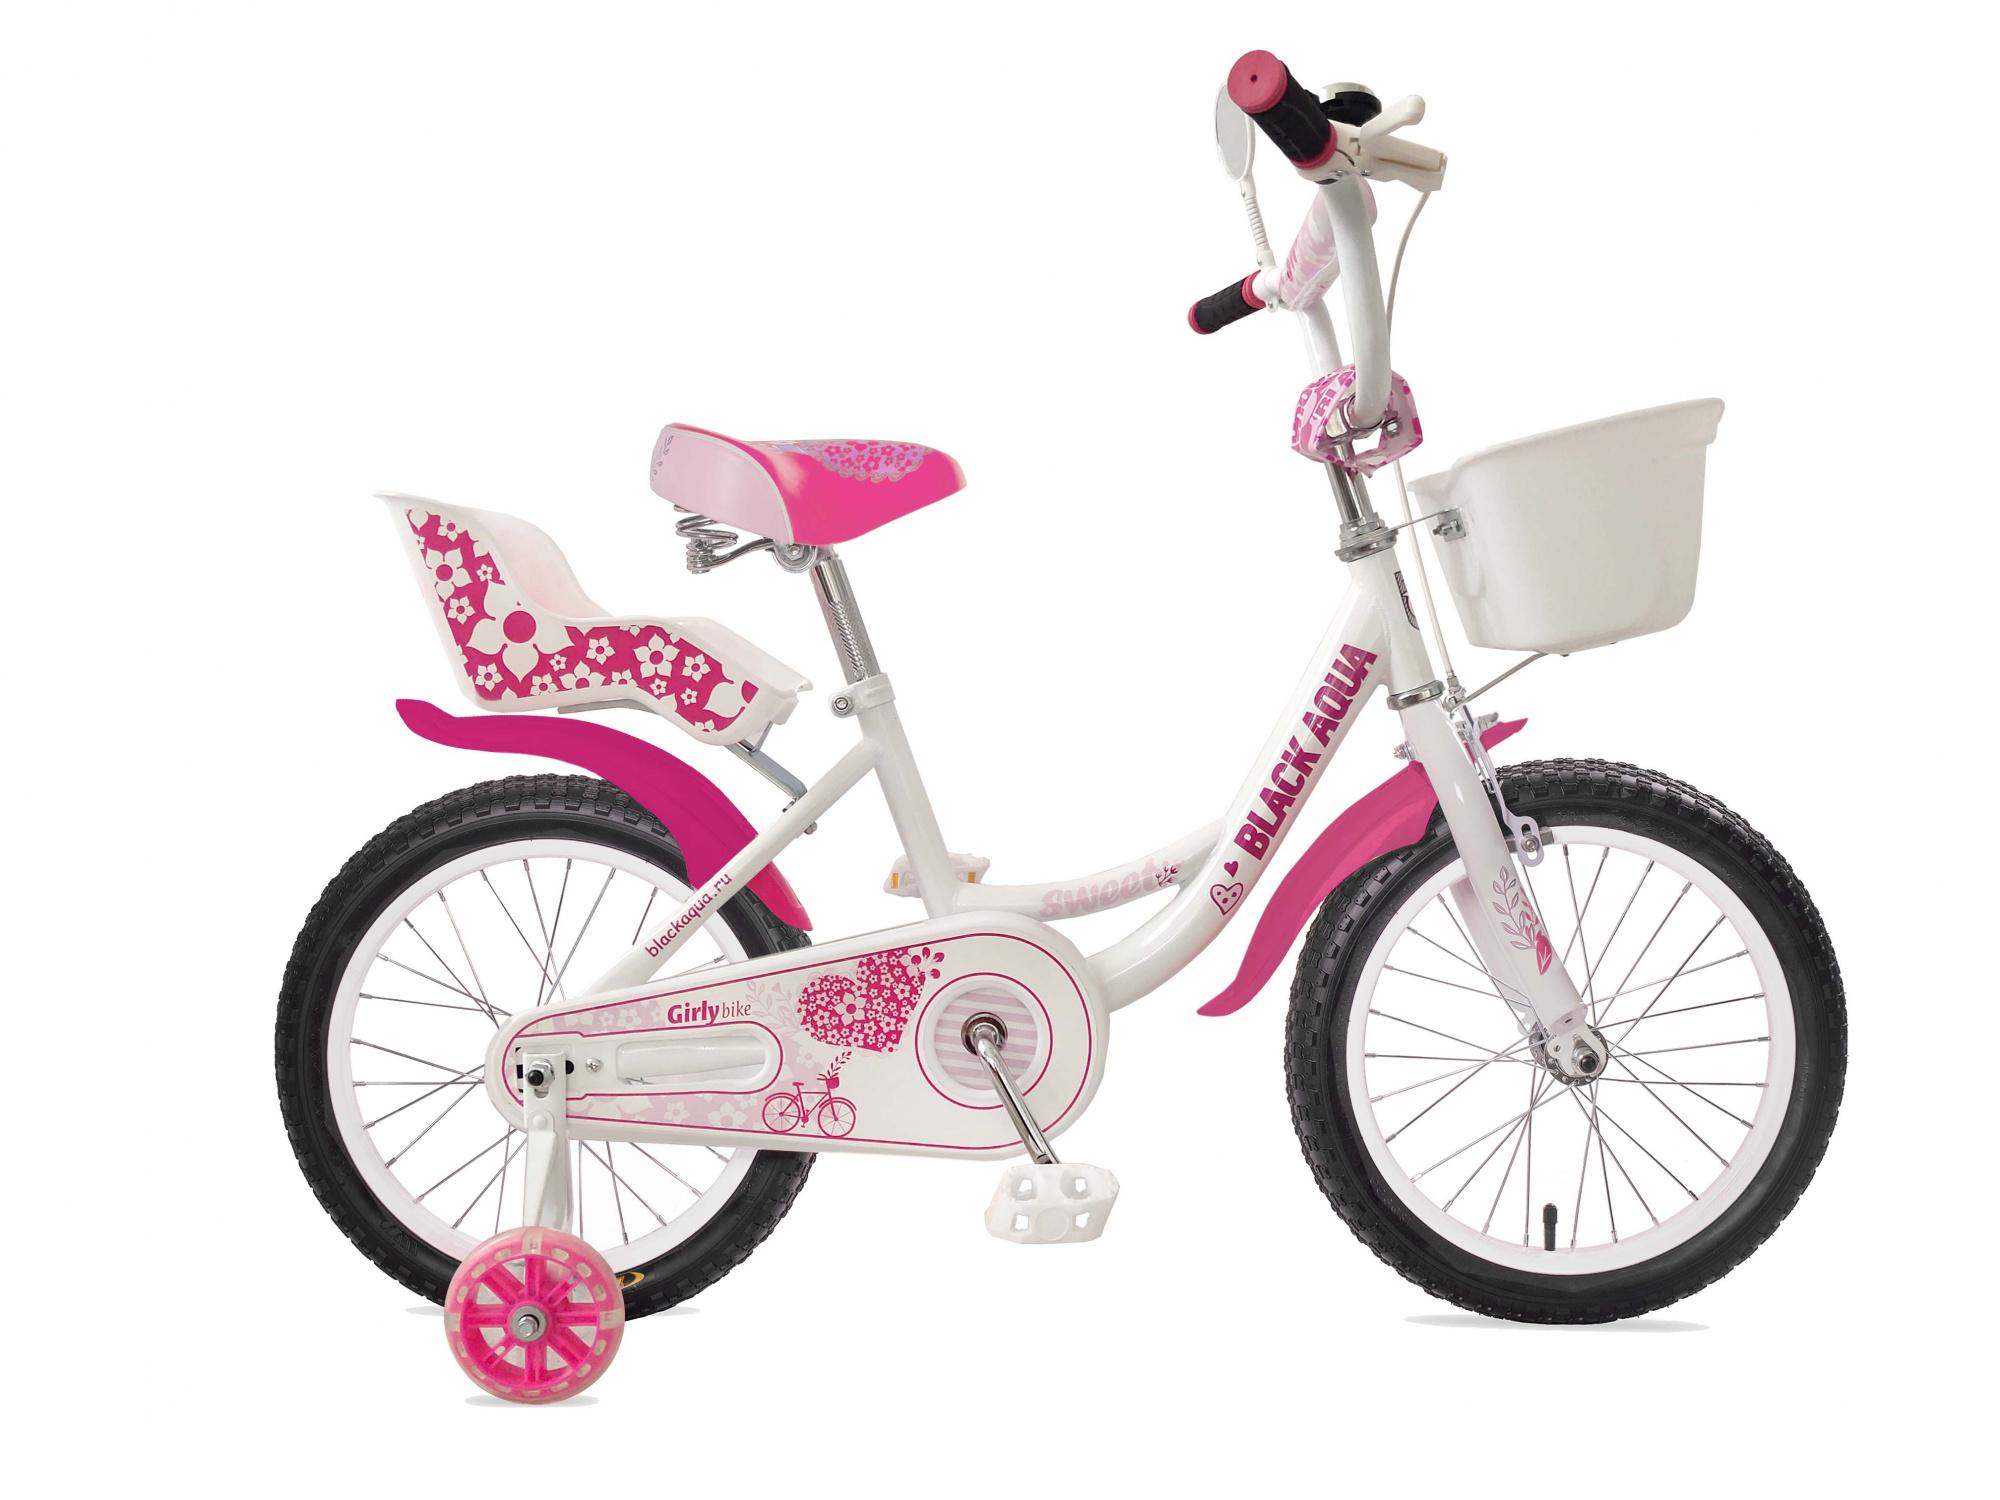 Лучшие детские велосипеды 2020/2019. рейтинг. отзывы